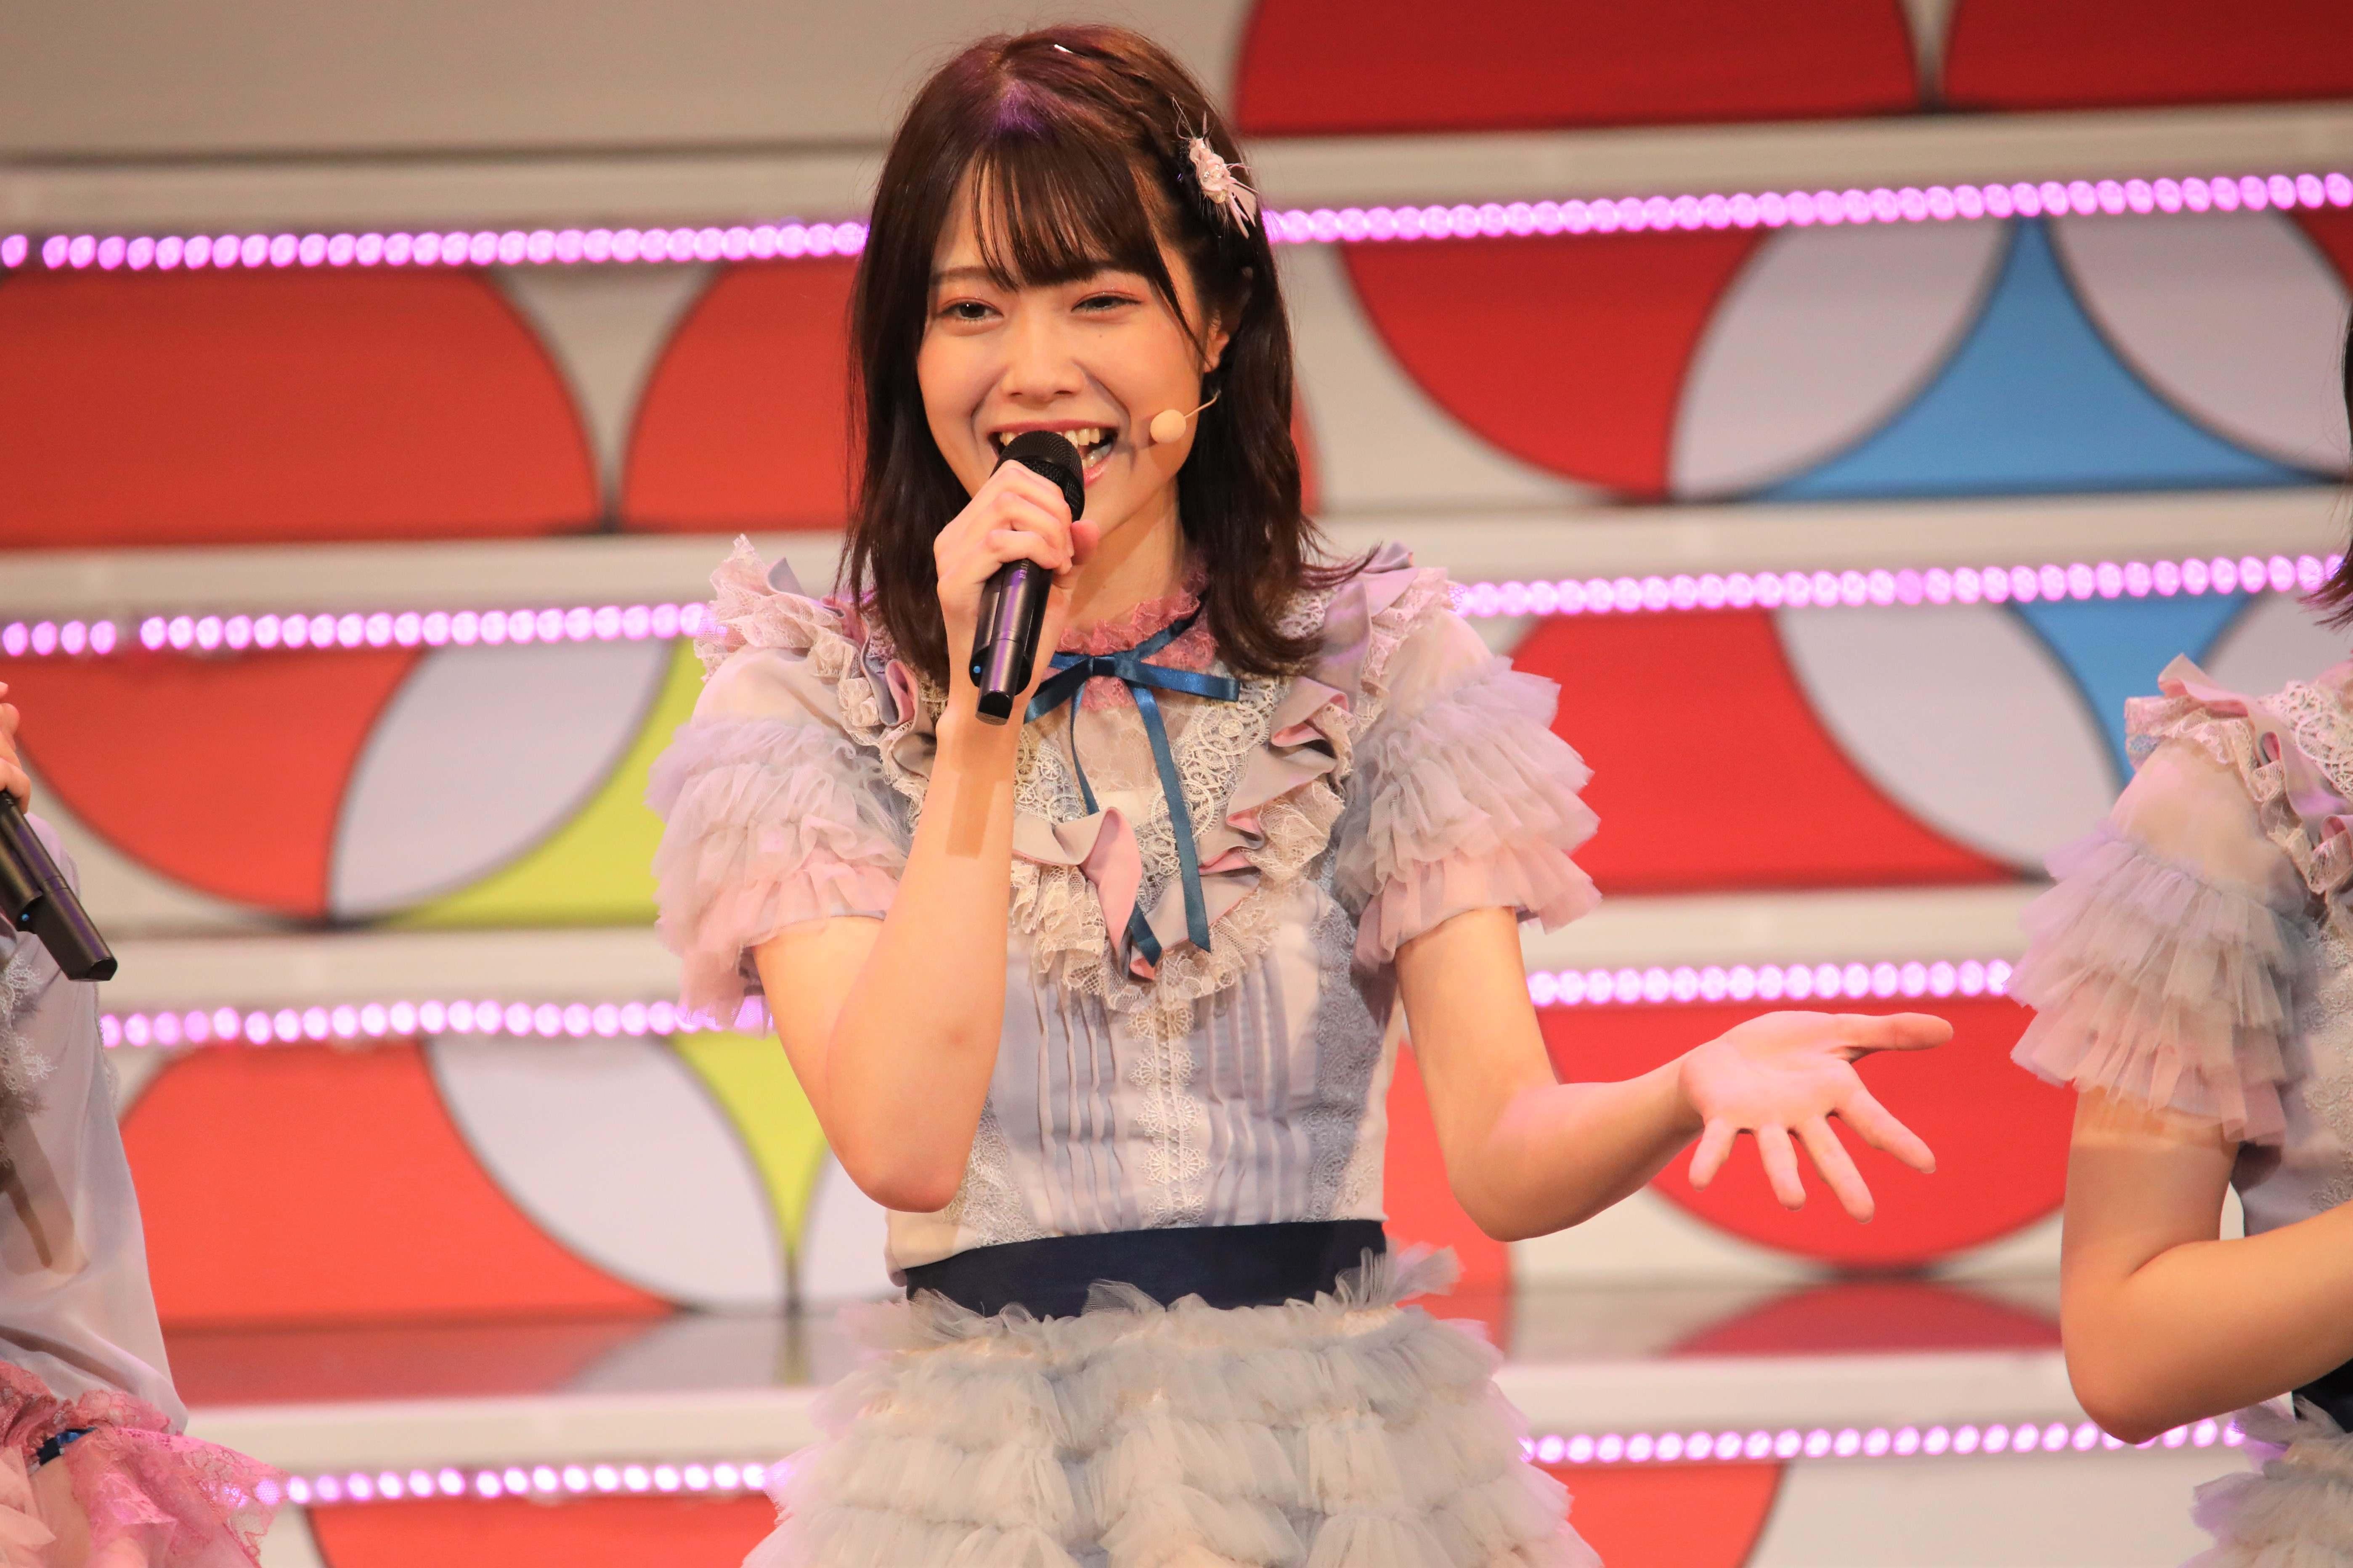 「横浜おしゃれ祭りって何だろう?なんか名前ダサくない?(笑)大丈夫かな?」©AKB48 THE AUDISHOW製作委員会 無断アップロード及び転送は一切禁止です。